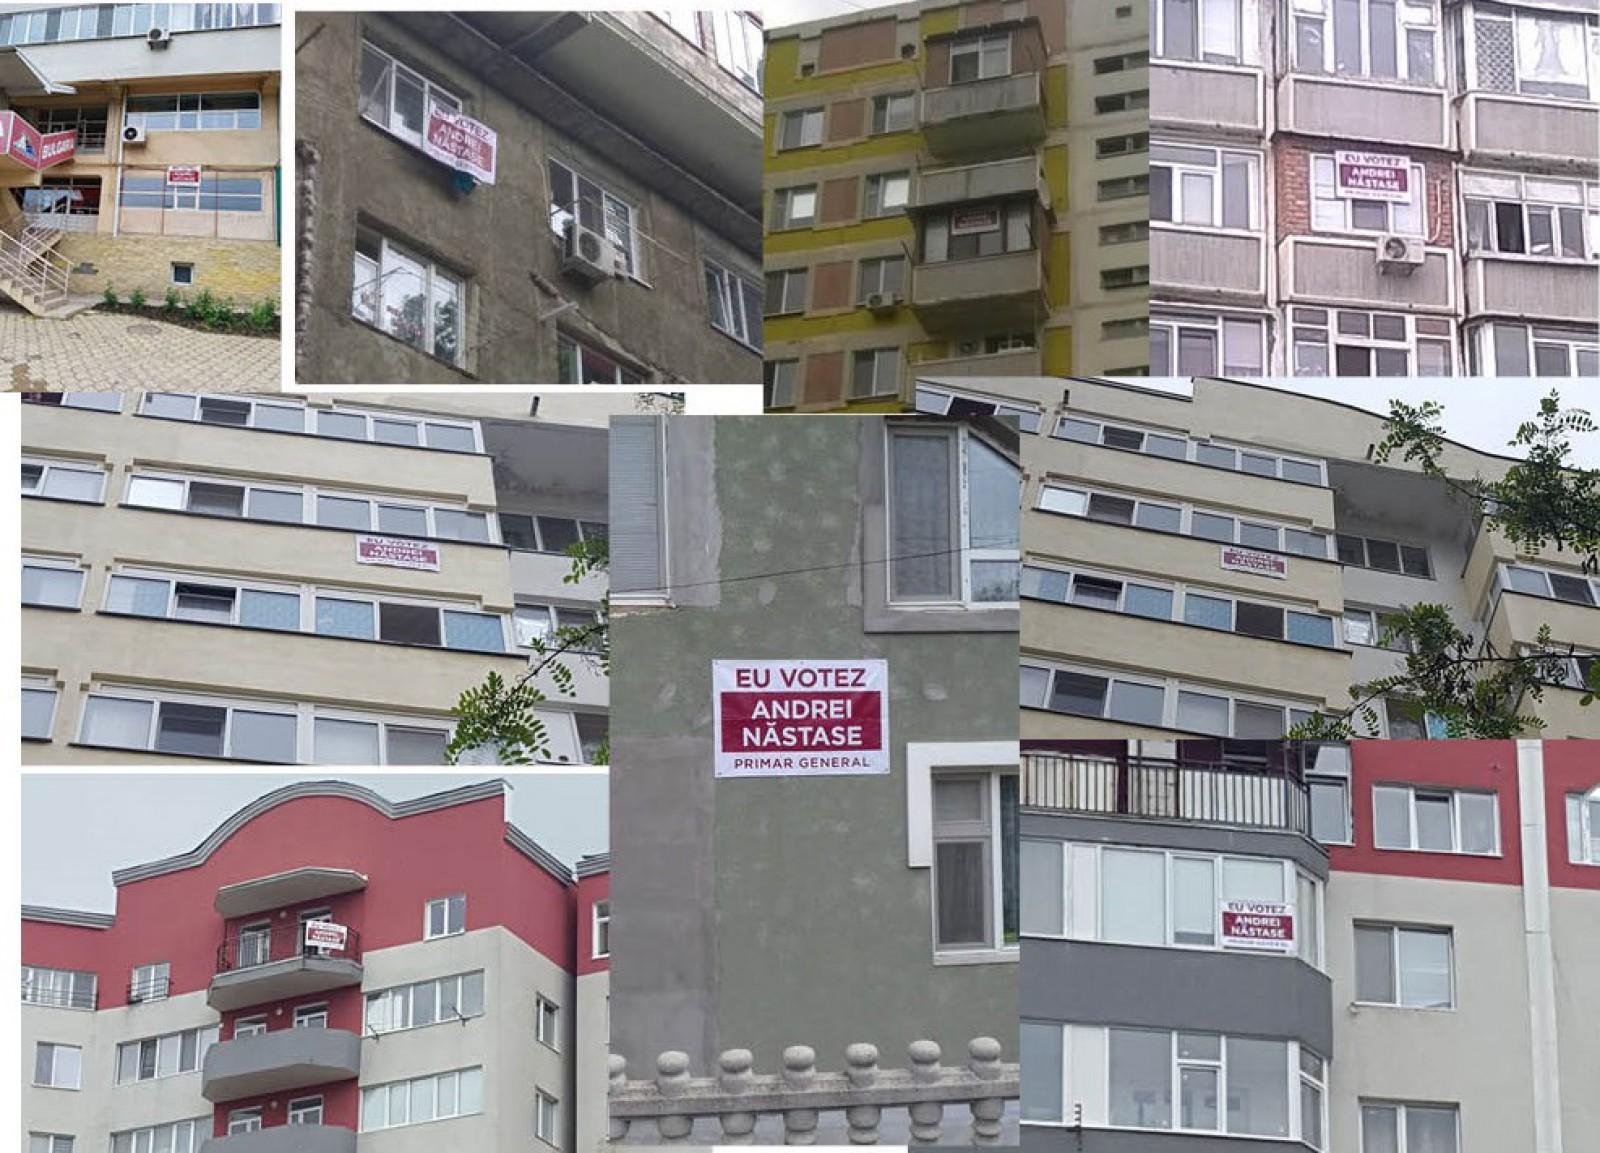 """""""Eu votez Andrei Năstase"""". Simpatizanții lui Andrei Năstase au început să-și decoreze balcoanele cu bannere pentru candidatul lor preferat"""